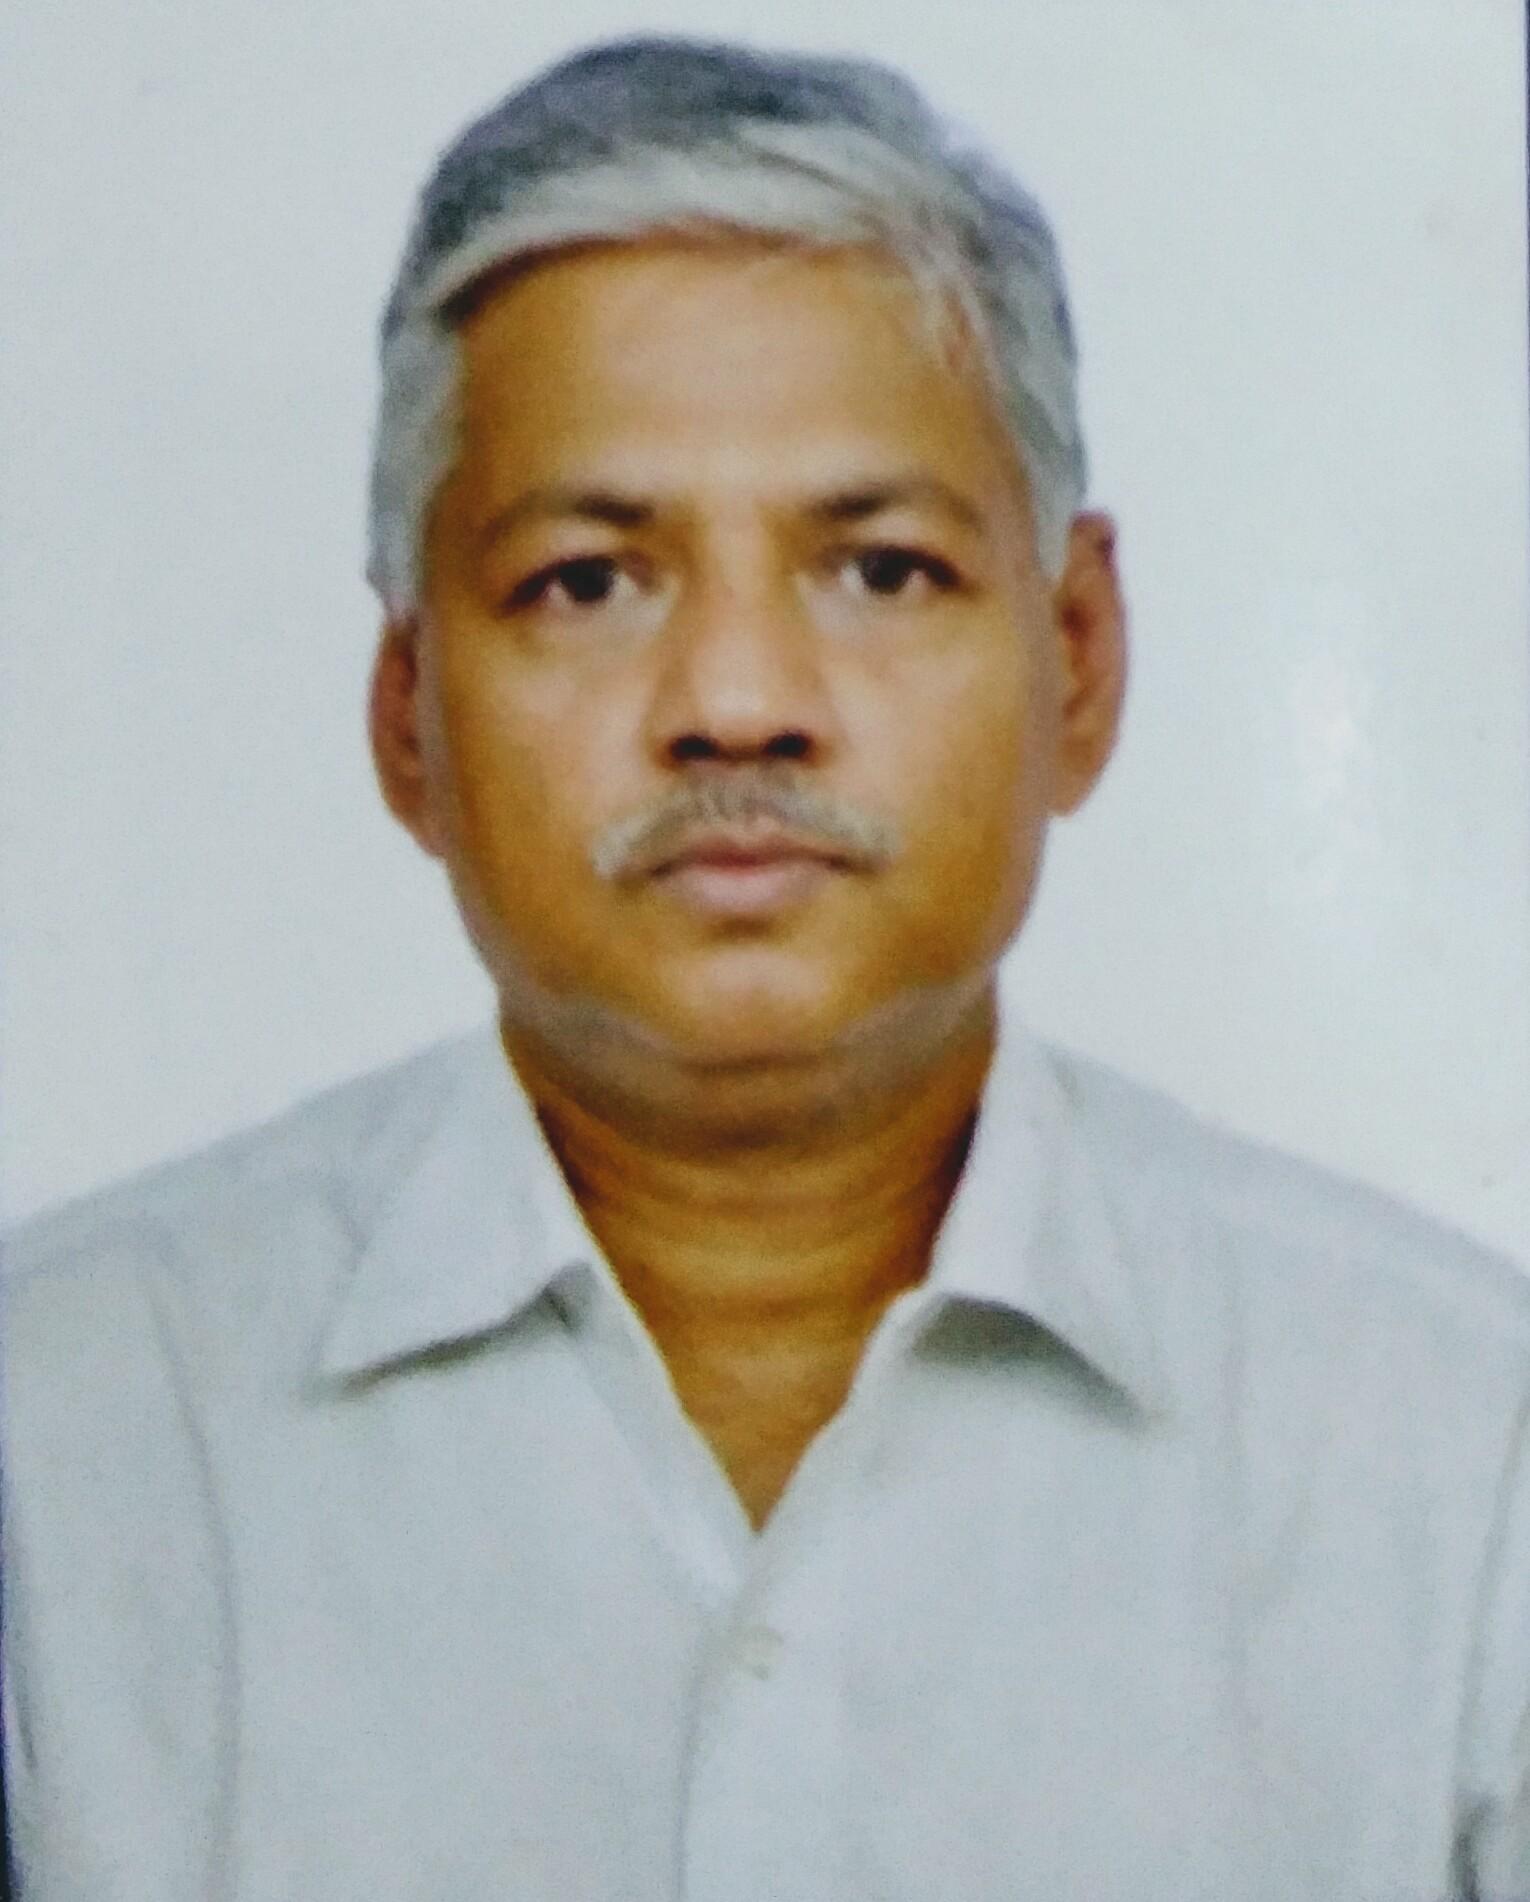 सुरेश कुमार अग्रवाल (तलवंडीवाला )